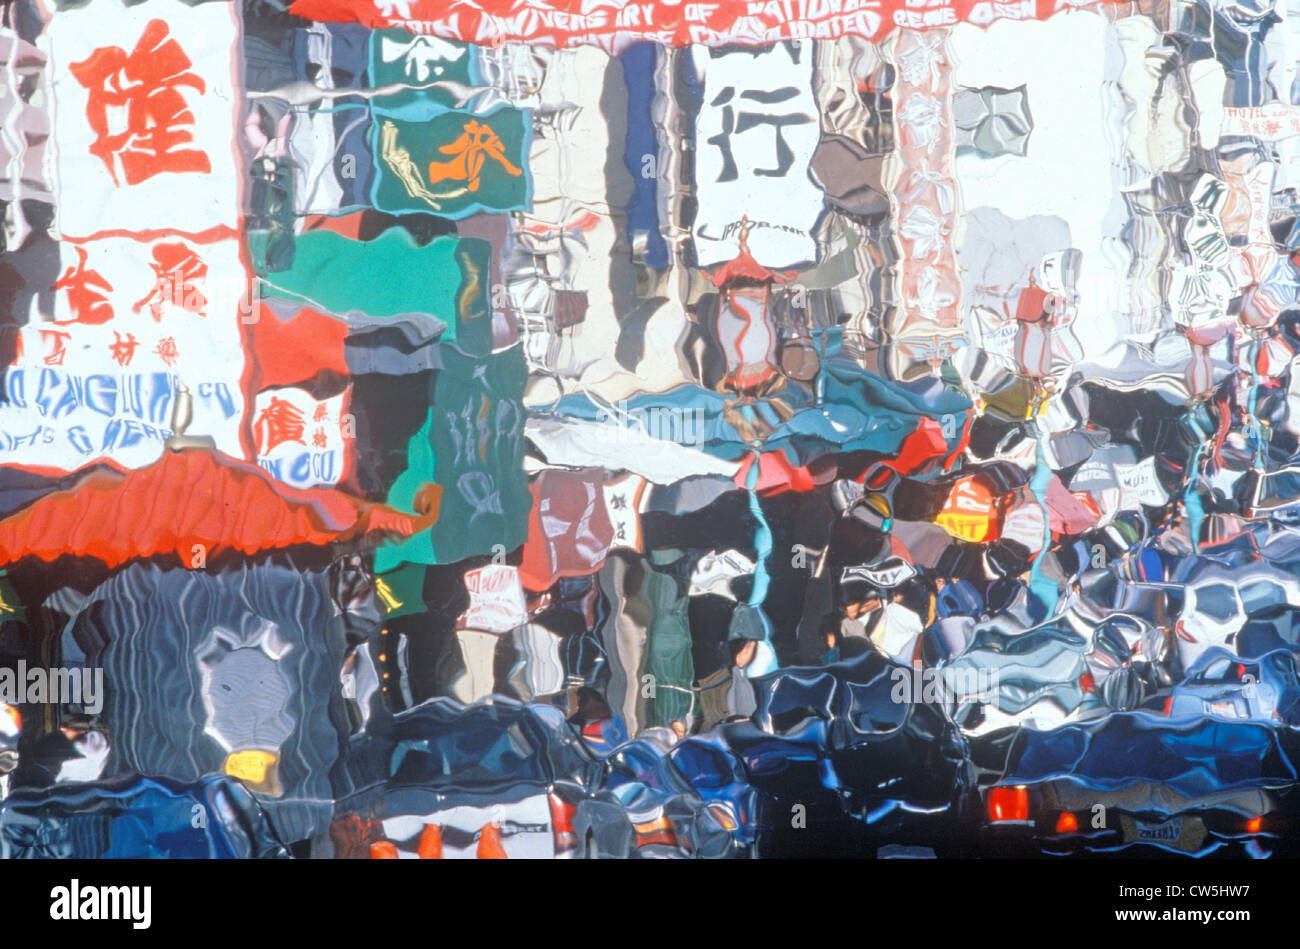 Foto effetto impressionismo - Domenica mattina nella Chinatown di San Francisco, California Immagini Stock